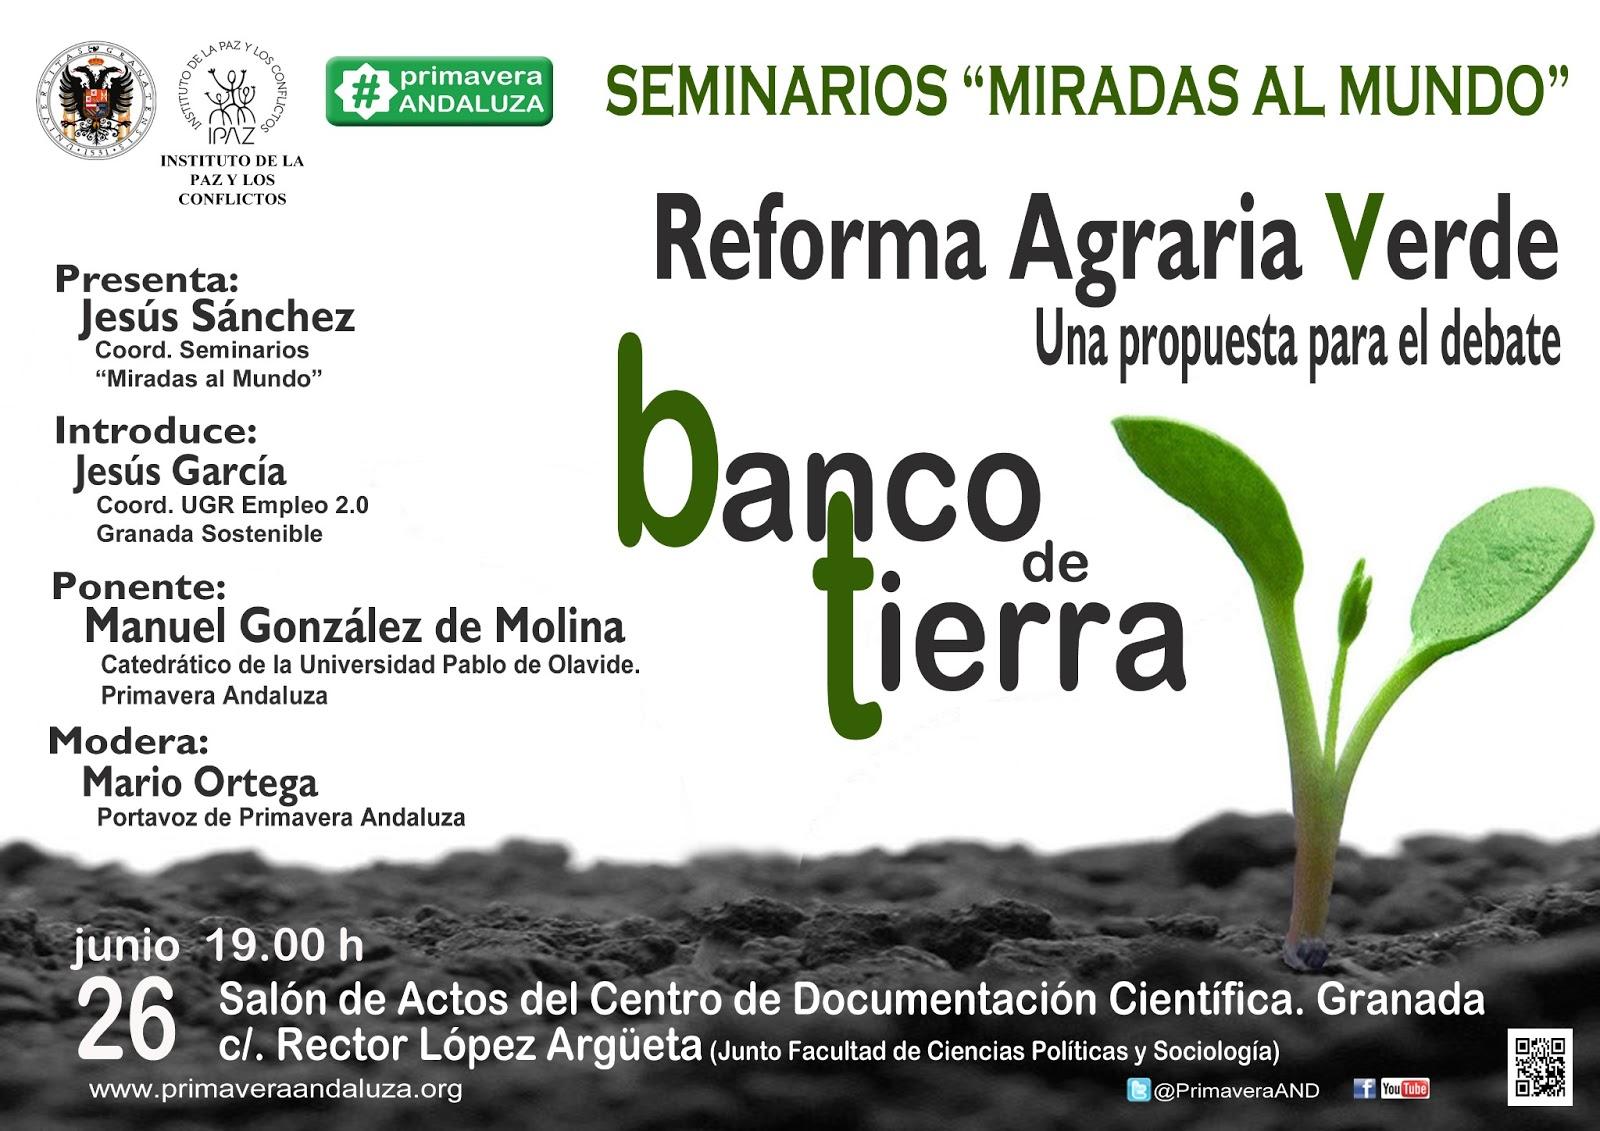 """Seminarios Miradas al Mundo: """"Reforma Agraria Verde-Banco de Tierras, una propuesta para el debate""""."""